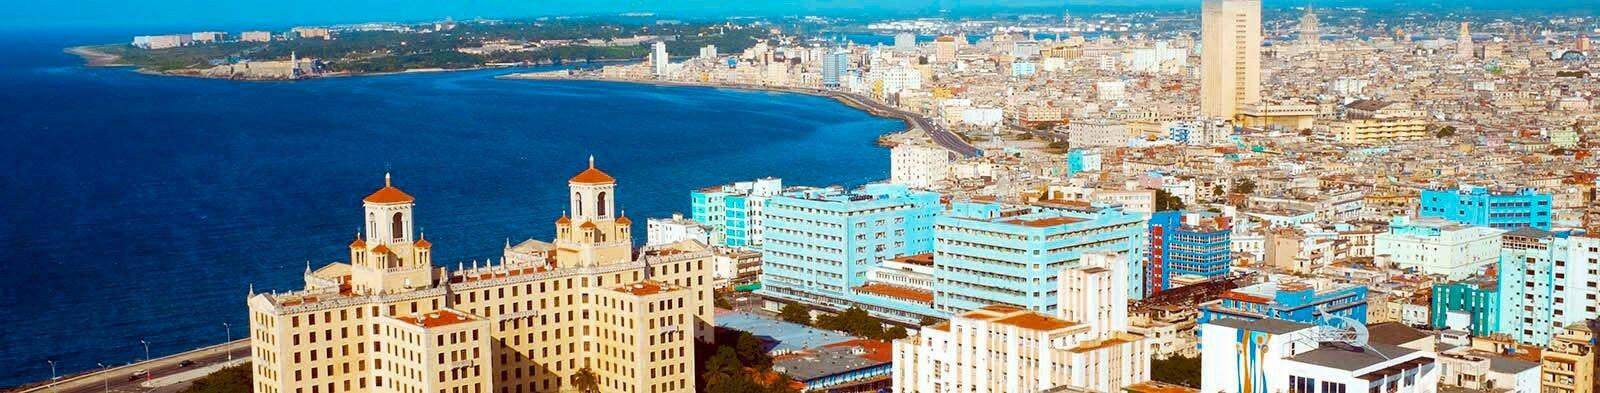 View over Havana / Cuba